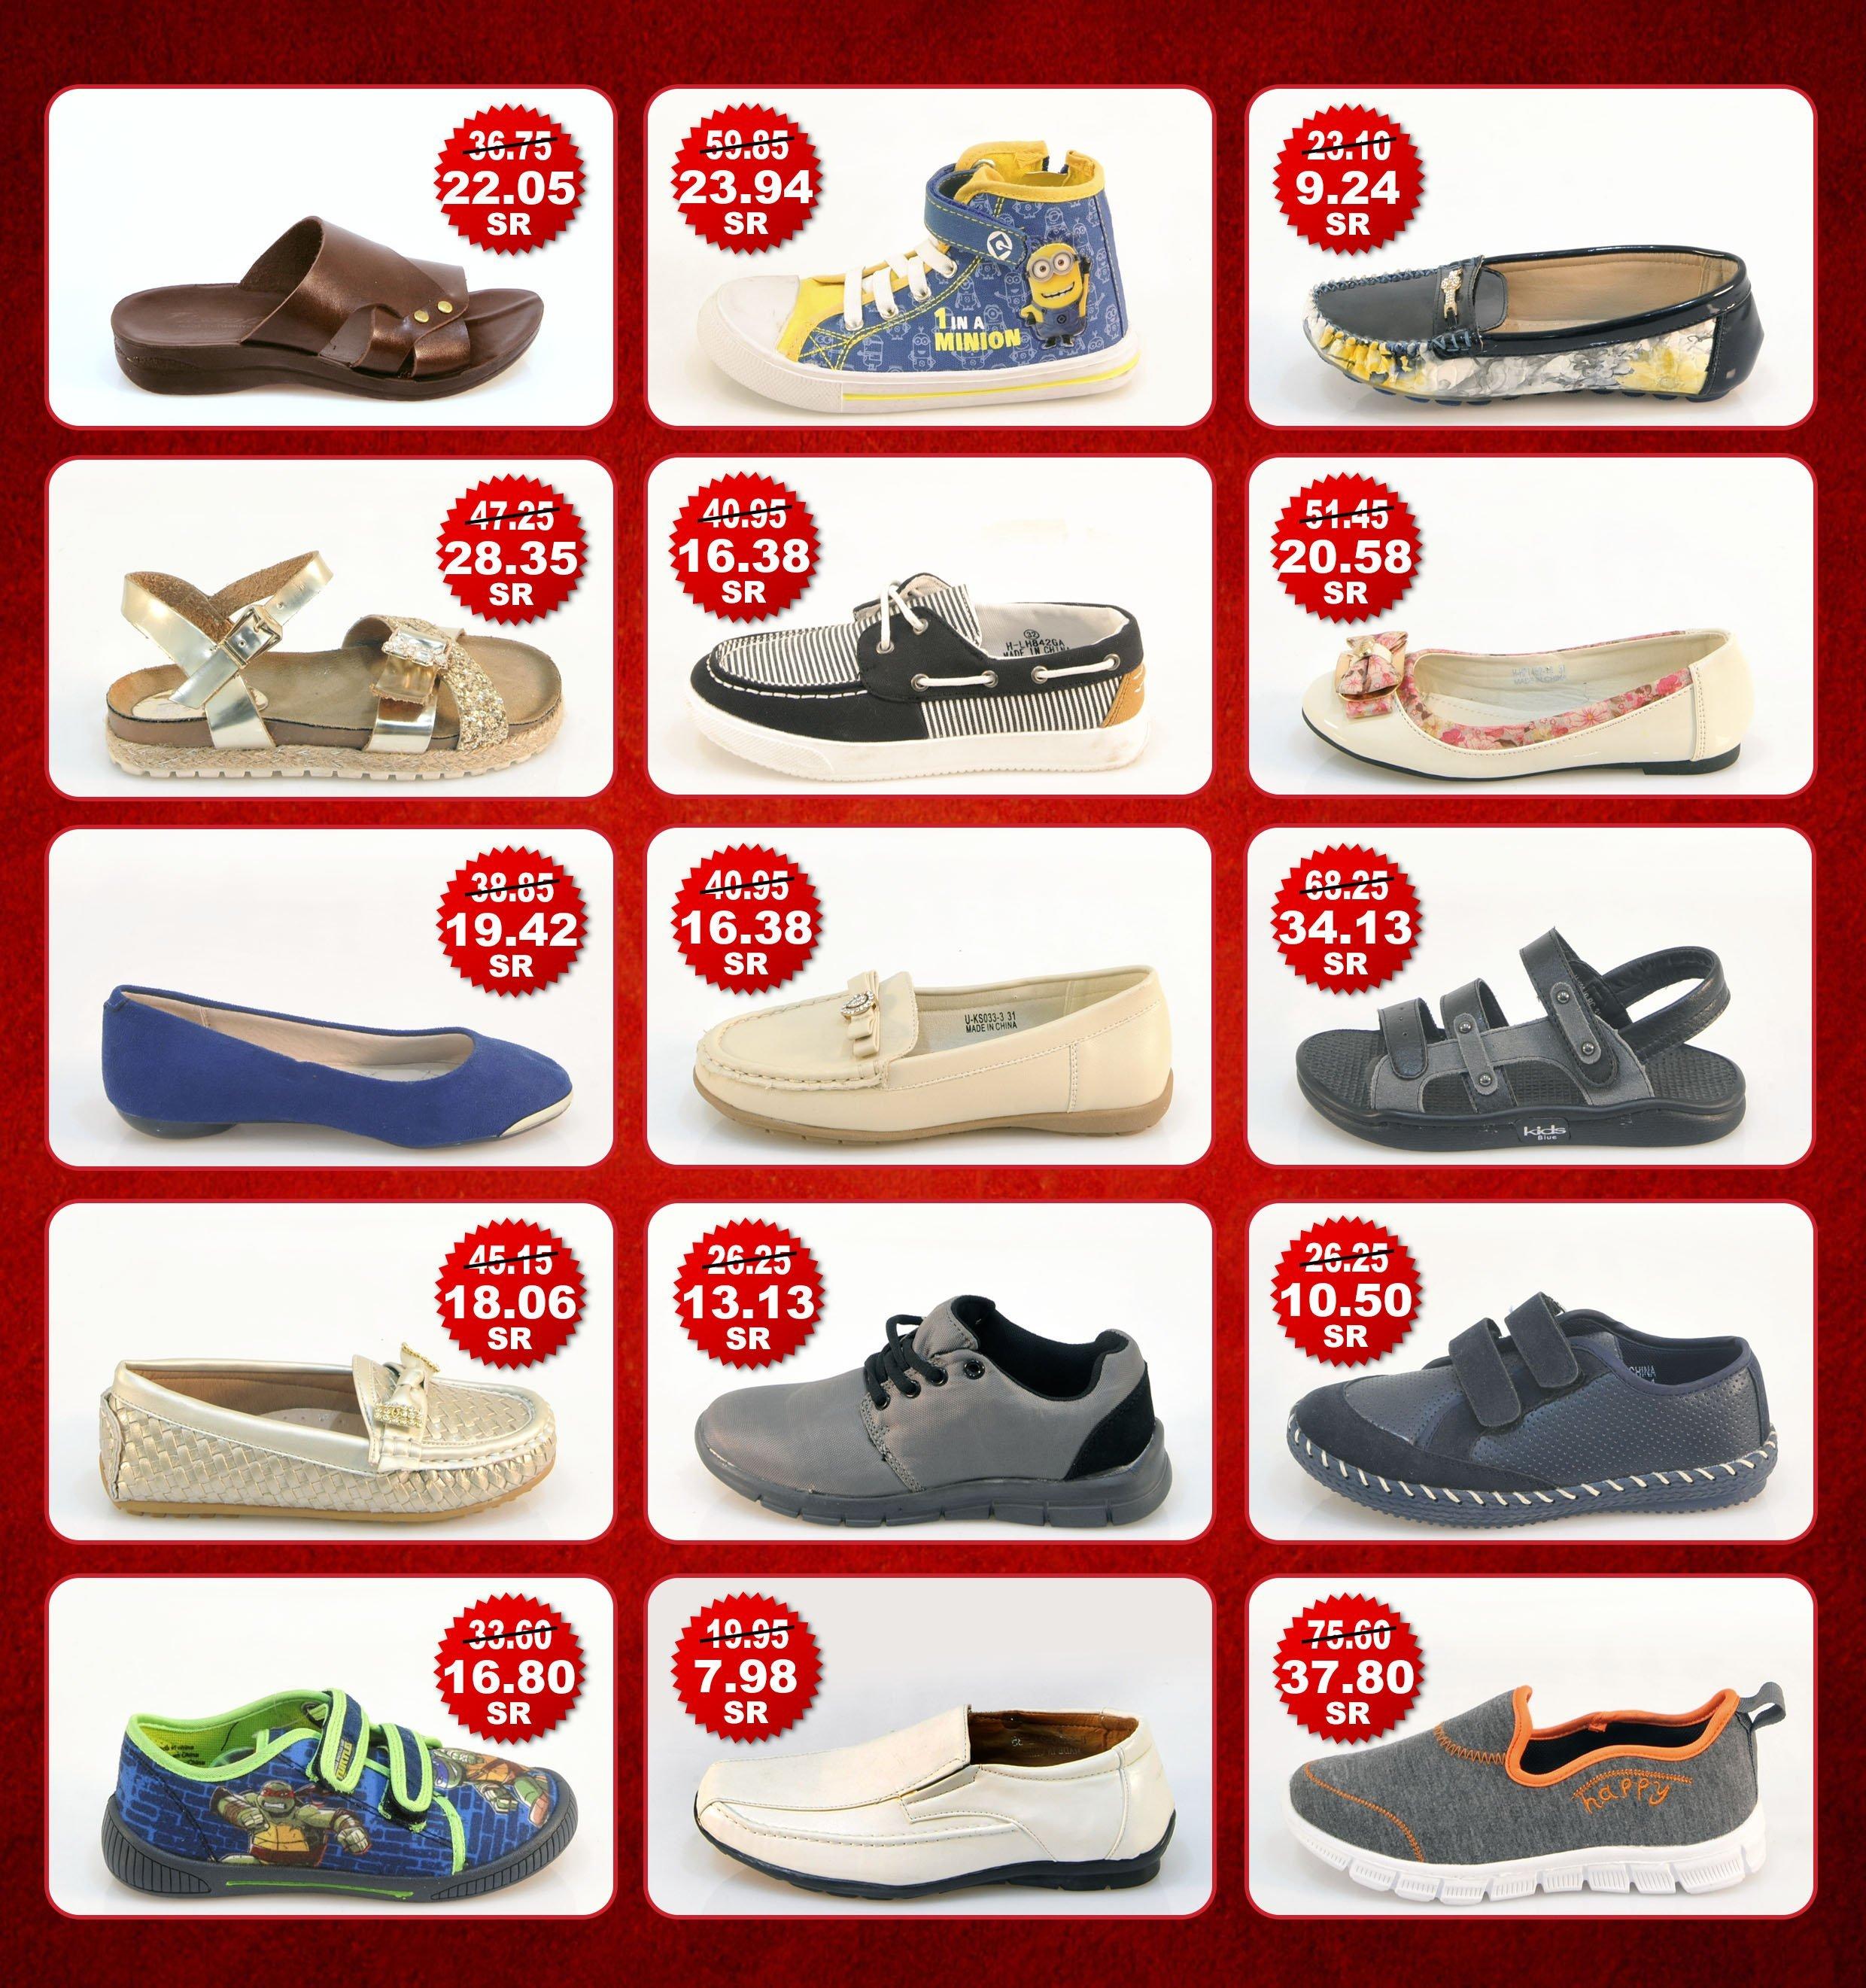 عروض خطوات للأحذية @ShoesSteps تخفيضات من 20% إلى 60% على معظم المنتجات